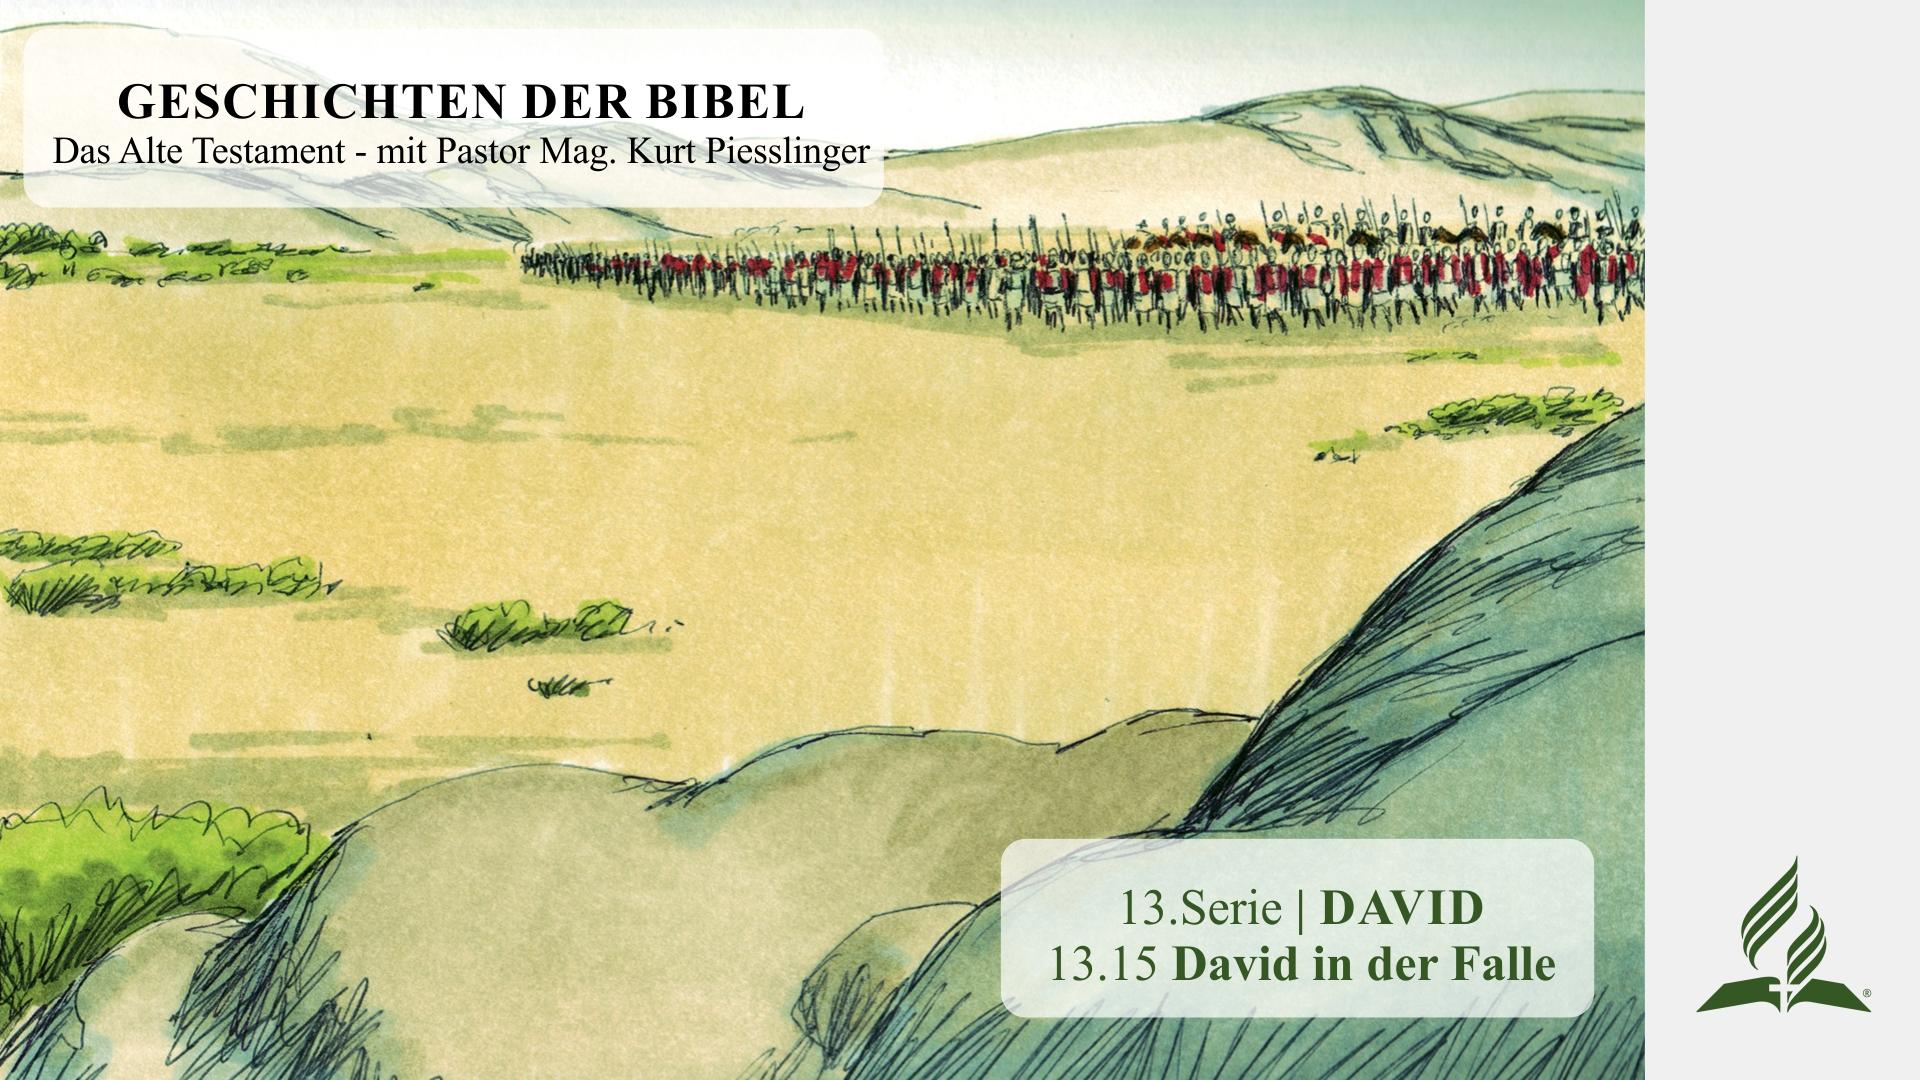 13.15 David in der Falle x